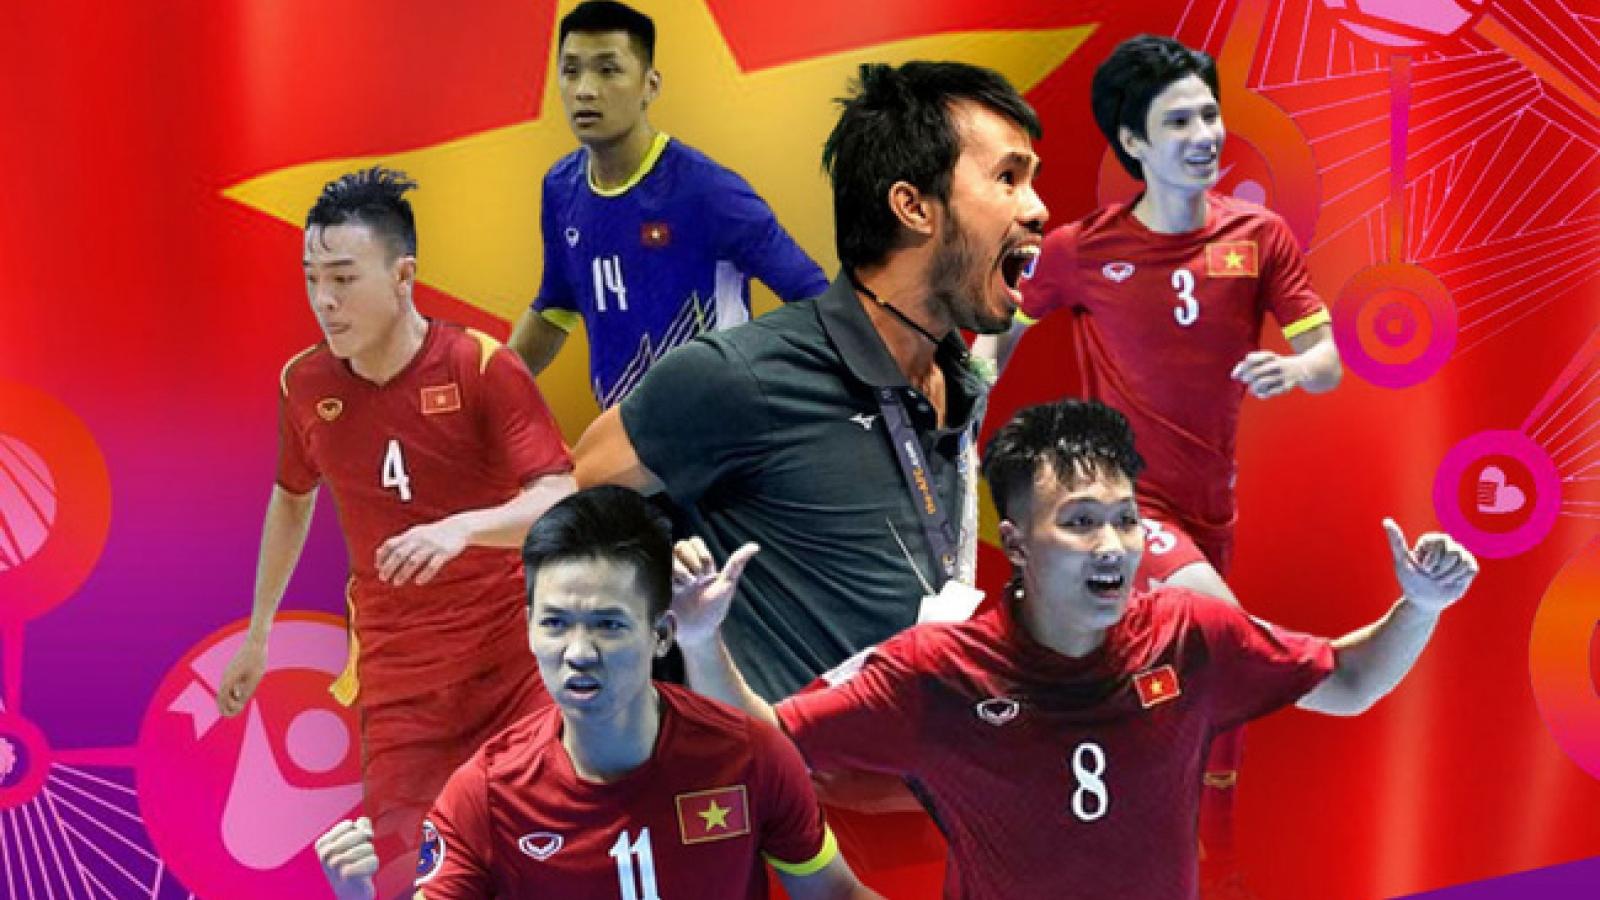 Lịch thi đấu và tường thuật trực tiếp ĐT Futsal Việt Nam tại FIFA Futsal World Cup 2021